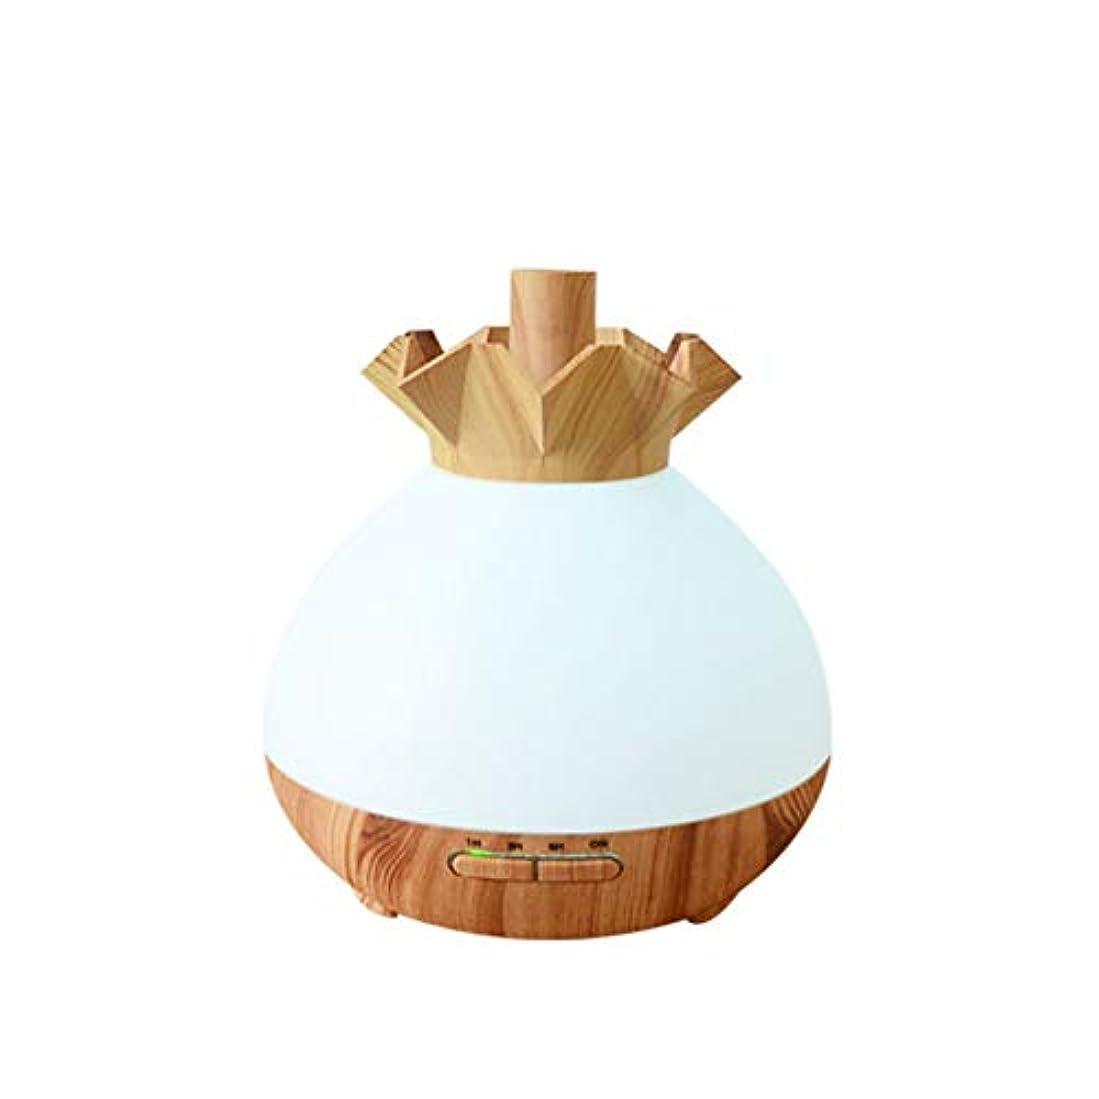 帰る平野バドミントンWifiアプリコントロール 涼しい霧 加湿器,7 色 木目 空気を浄化 加湿機 プレミアム サイレント 精油 ディフューザー アロマネブライザー ベッド- 400ml